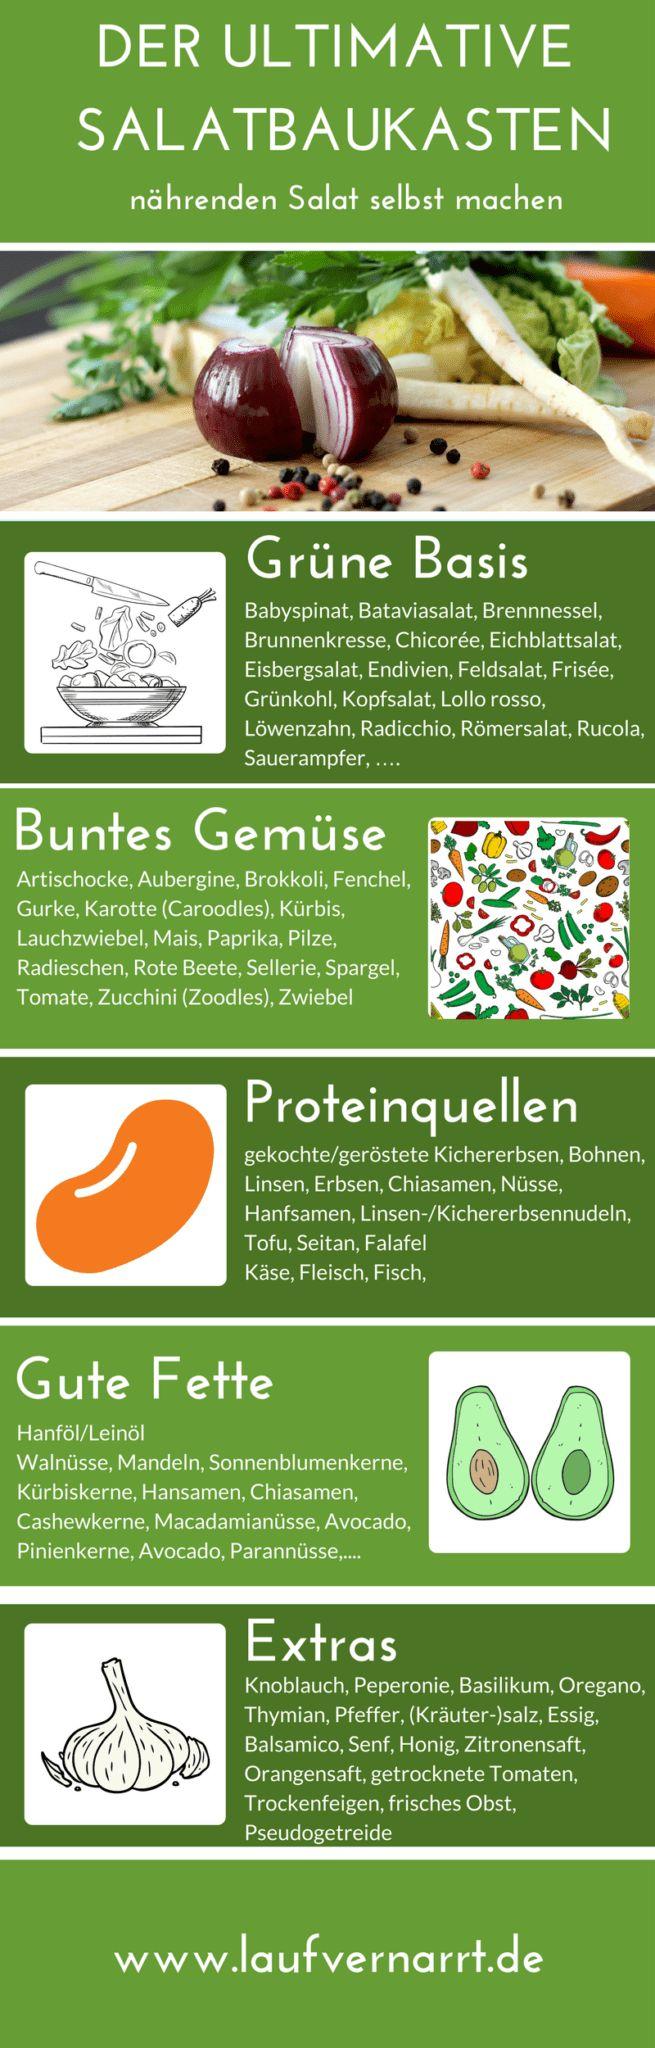 Alles über Salat inkl. Printable – 30 Tage Ernährungsumstellung Tag 16